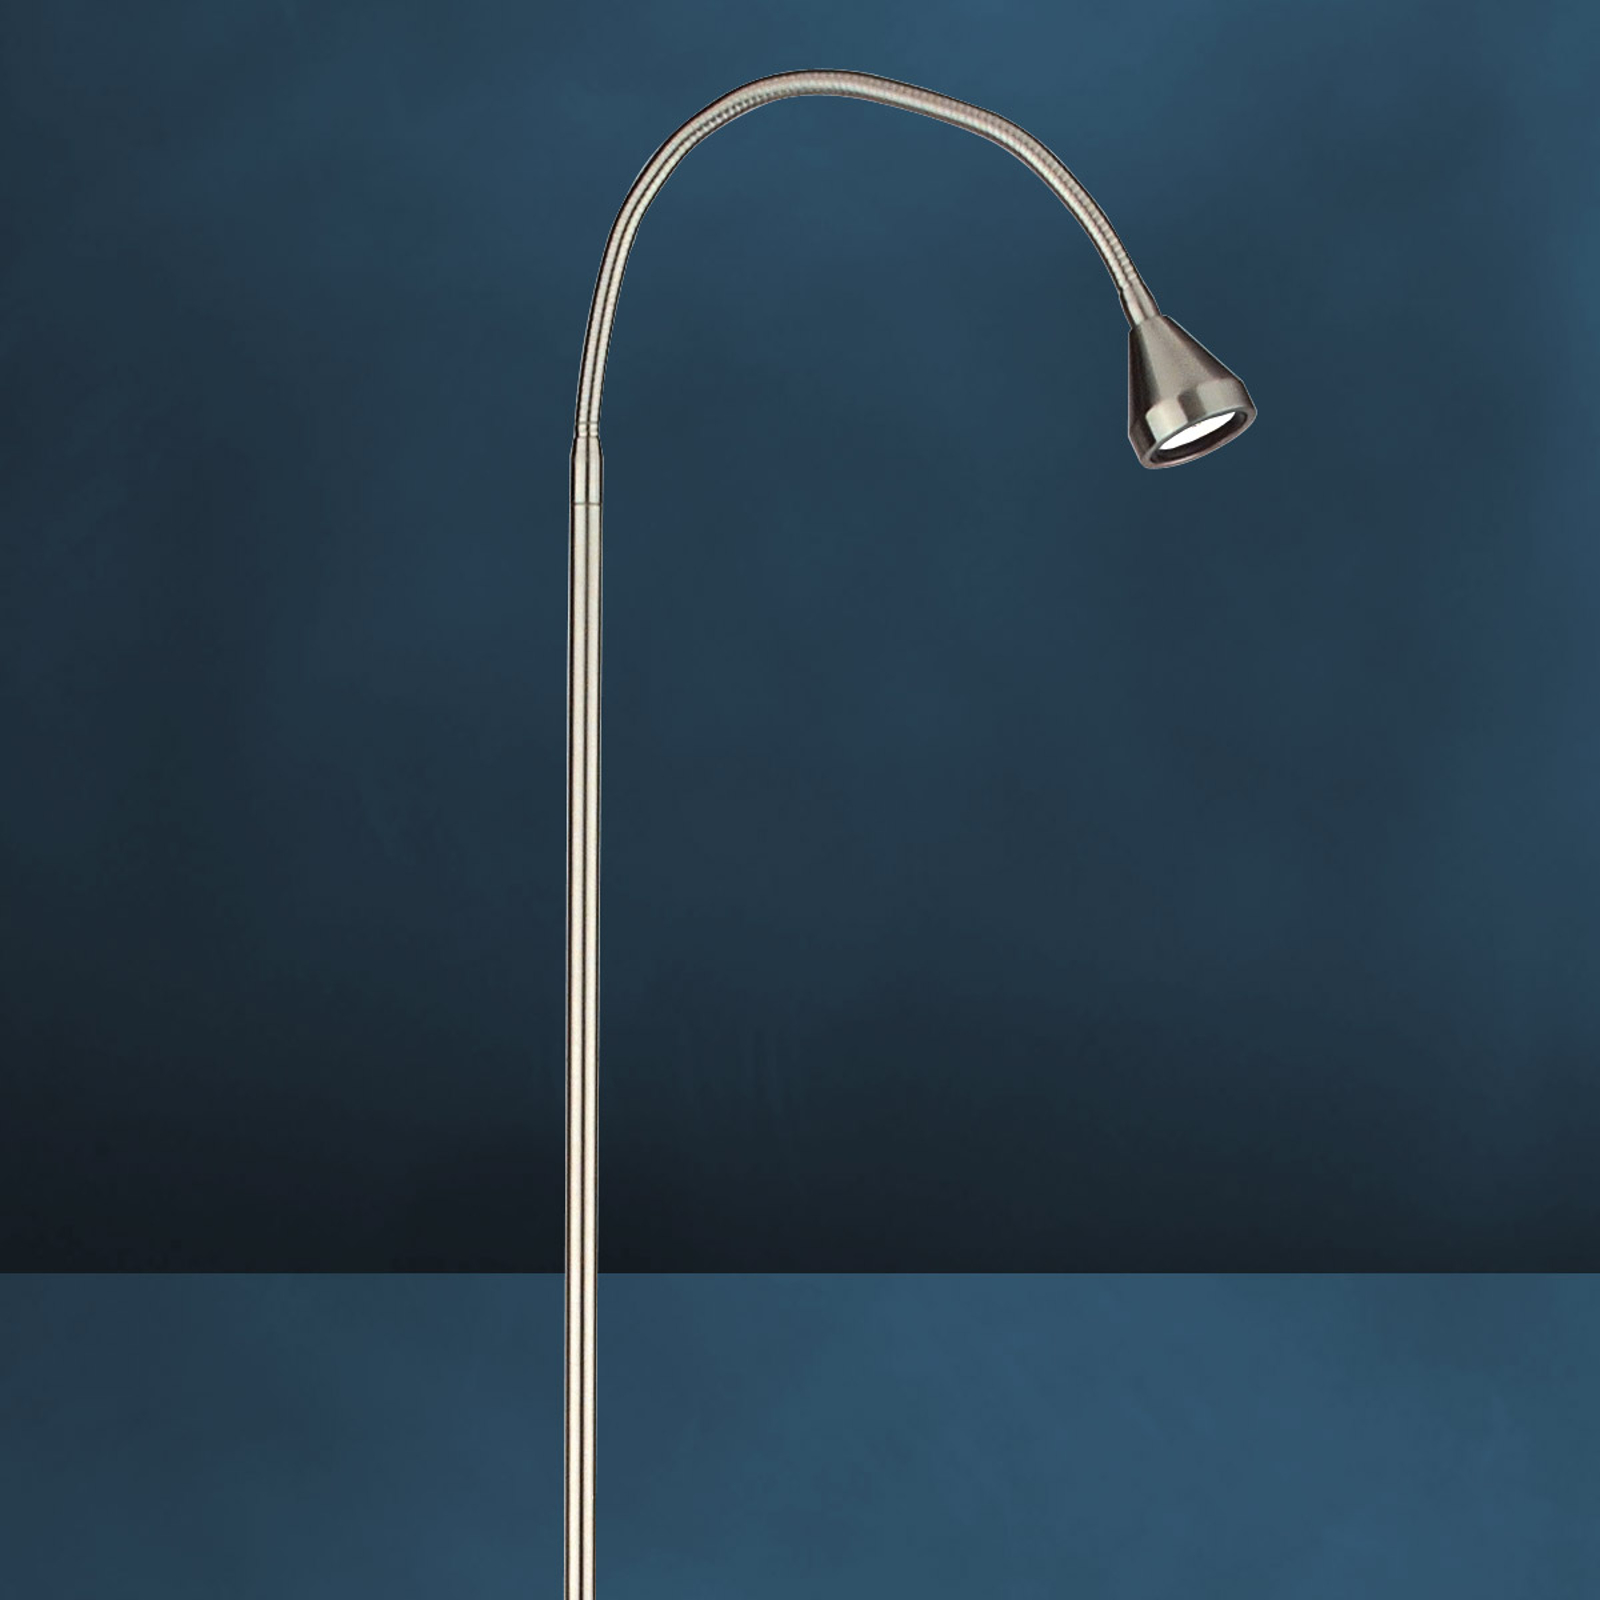 Moderní stojací lampa LED MINI, univerzální bílá